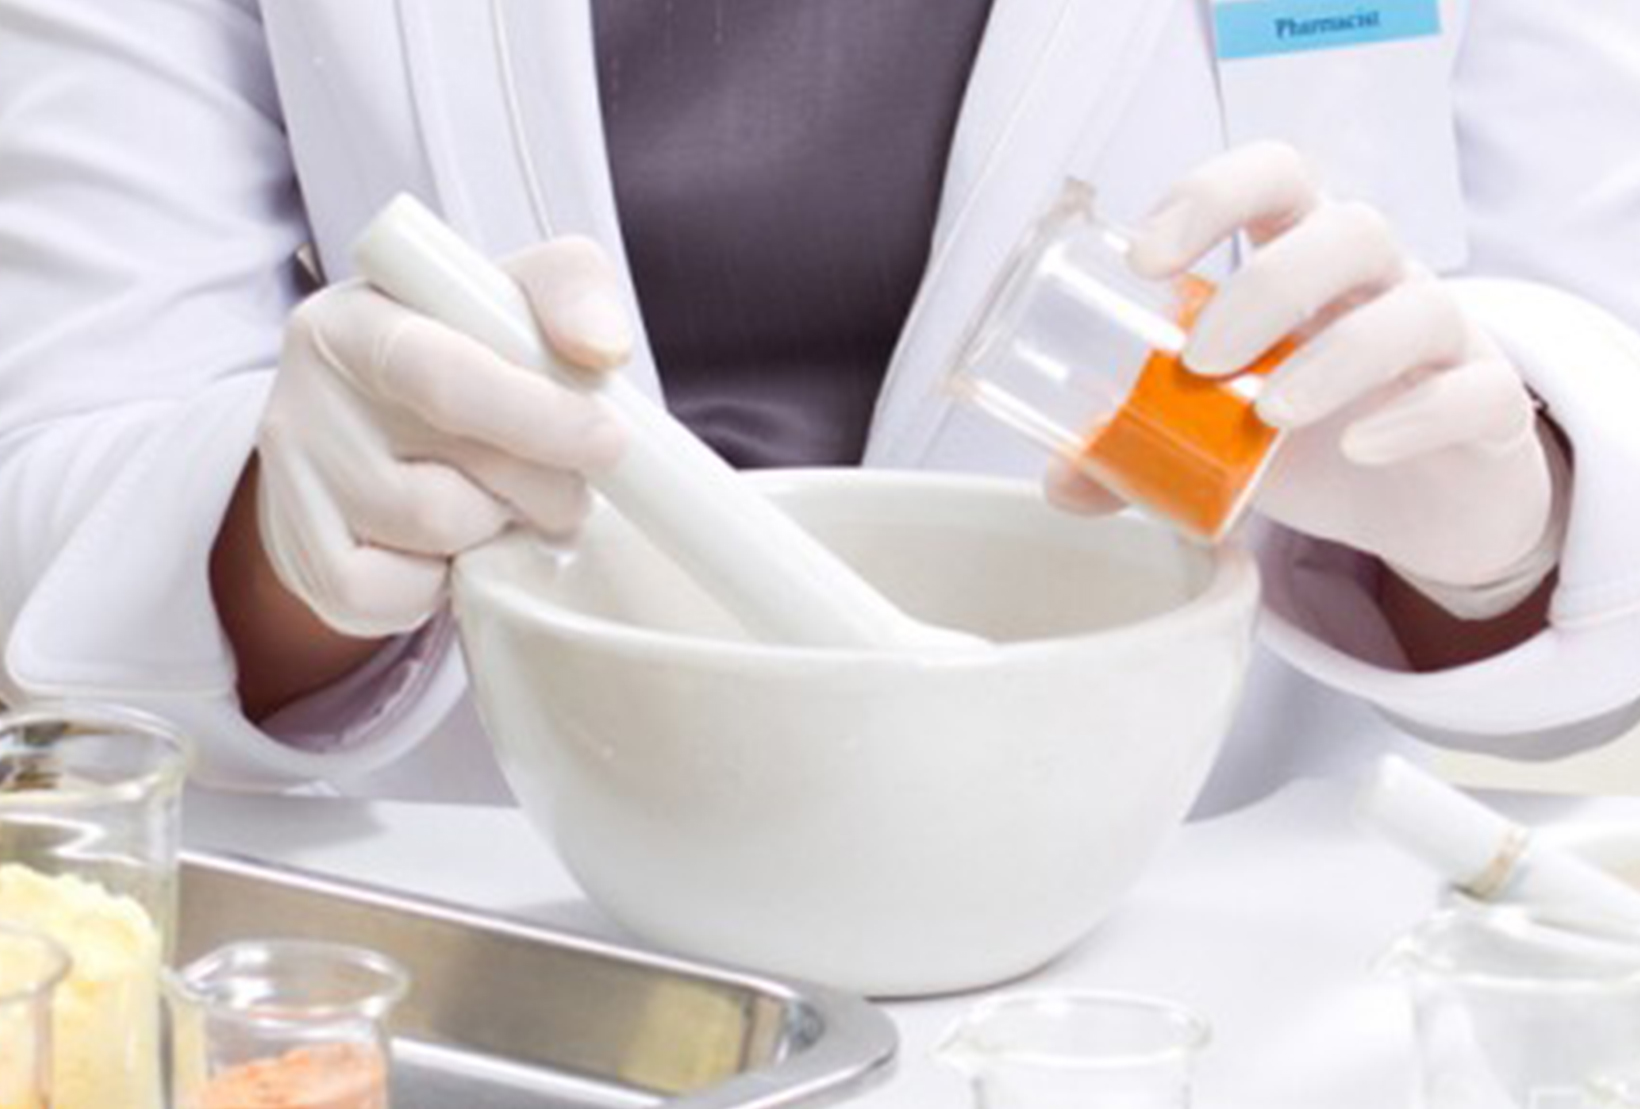 Foto de Oxandrolona manipulada: tratamento para nutrição calórica proteica